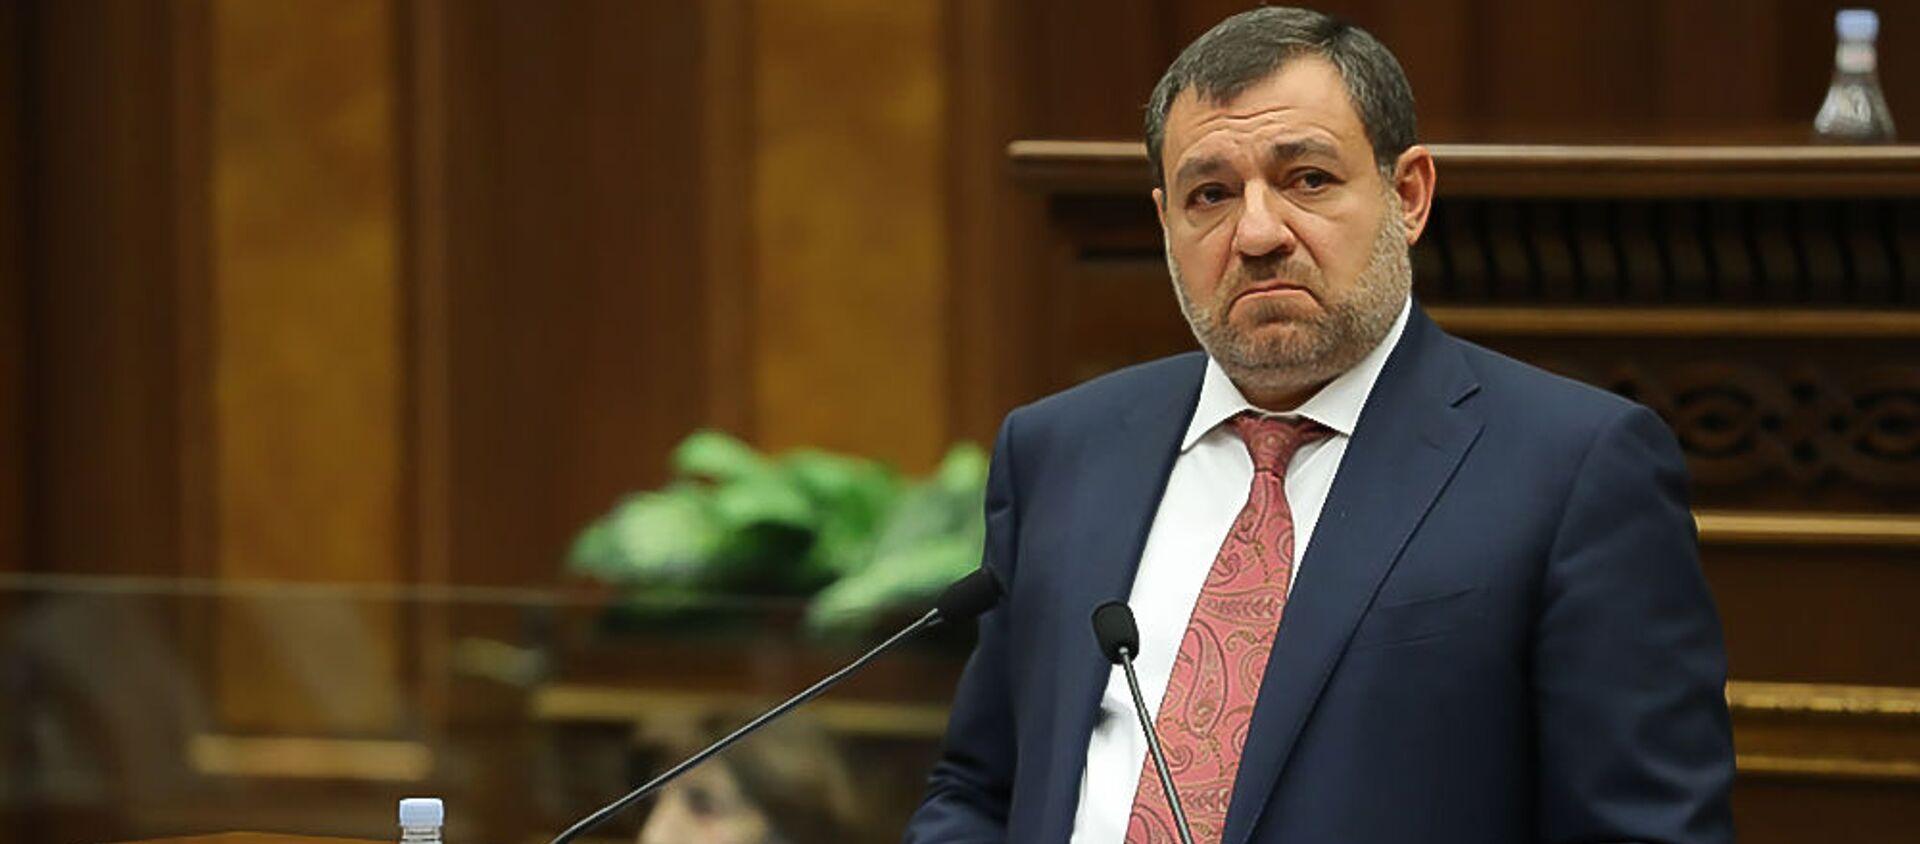 Председатель Высшего судебного совета Рубен Вардазарян отвечает на вопрос депутата во время очередного заседания Парламента (3 марта 2021). Еревaн - Sputnik Արմենիա, 1920, 01.04.2021